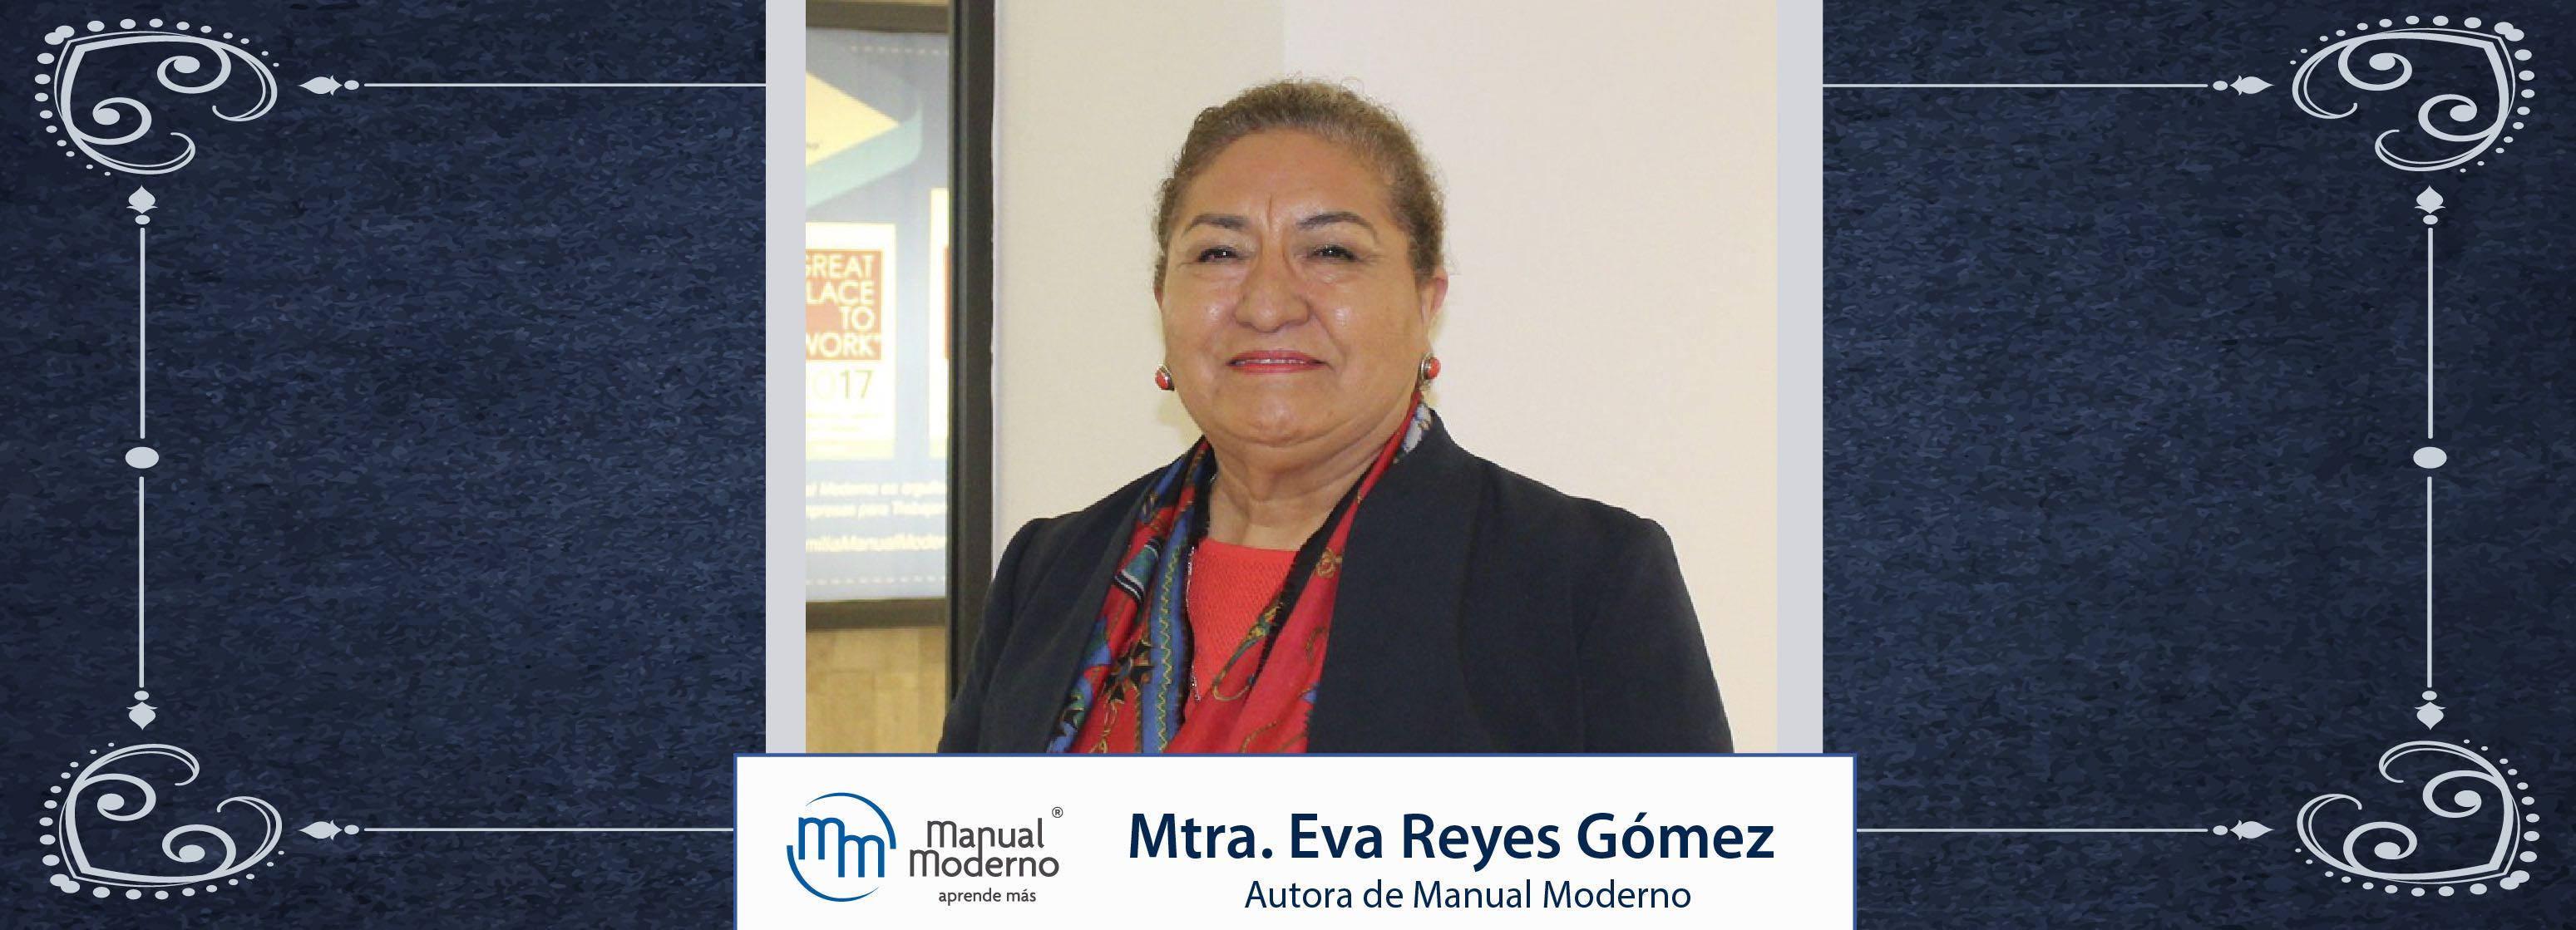 Nuestros Autores. Mtra. Eva Reyes Gómez